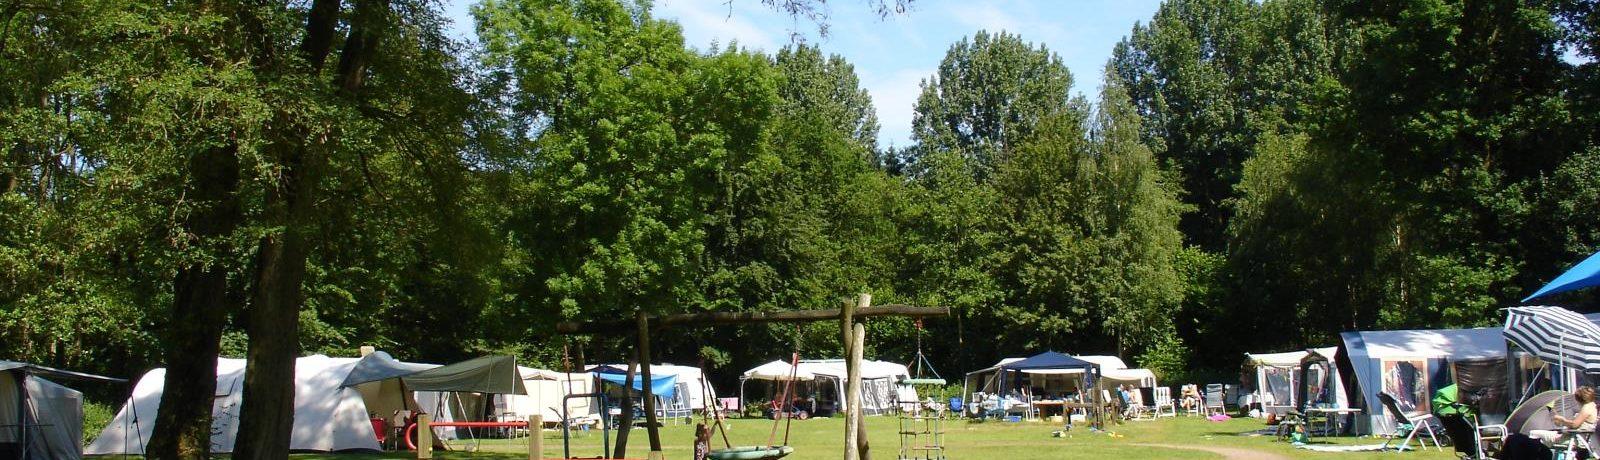 Camping De Ruimte in Dronten is een charme camping met zwembad gelegen in het bos in de provincie Flevoland.